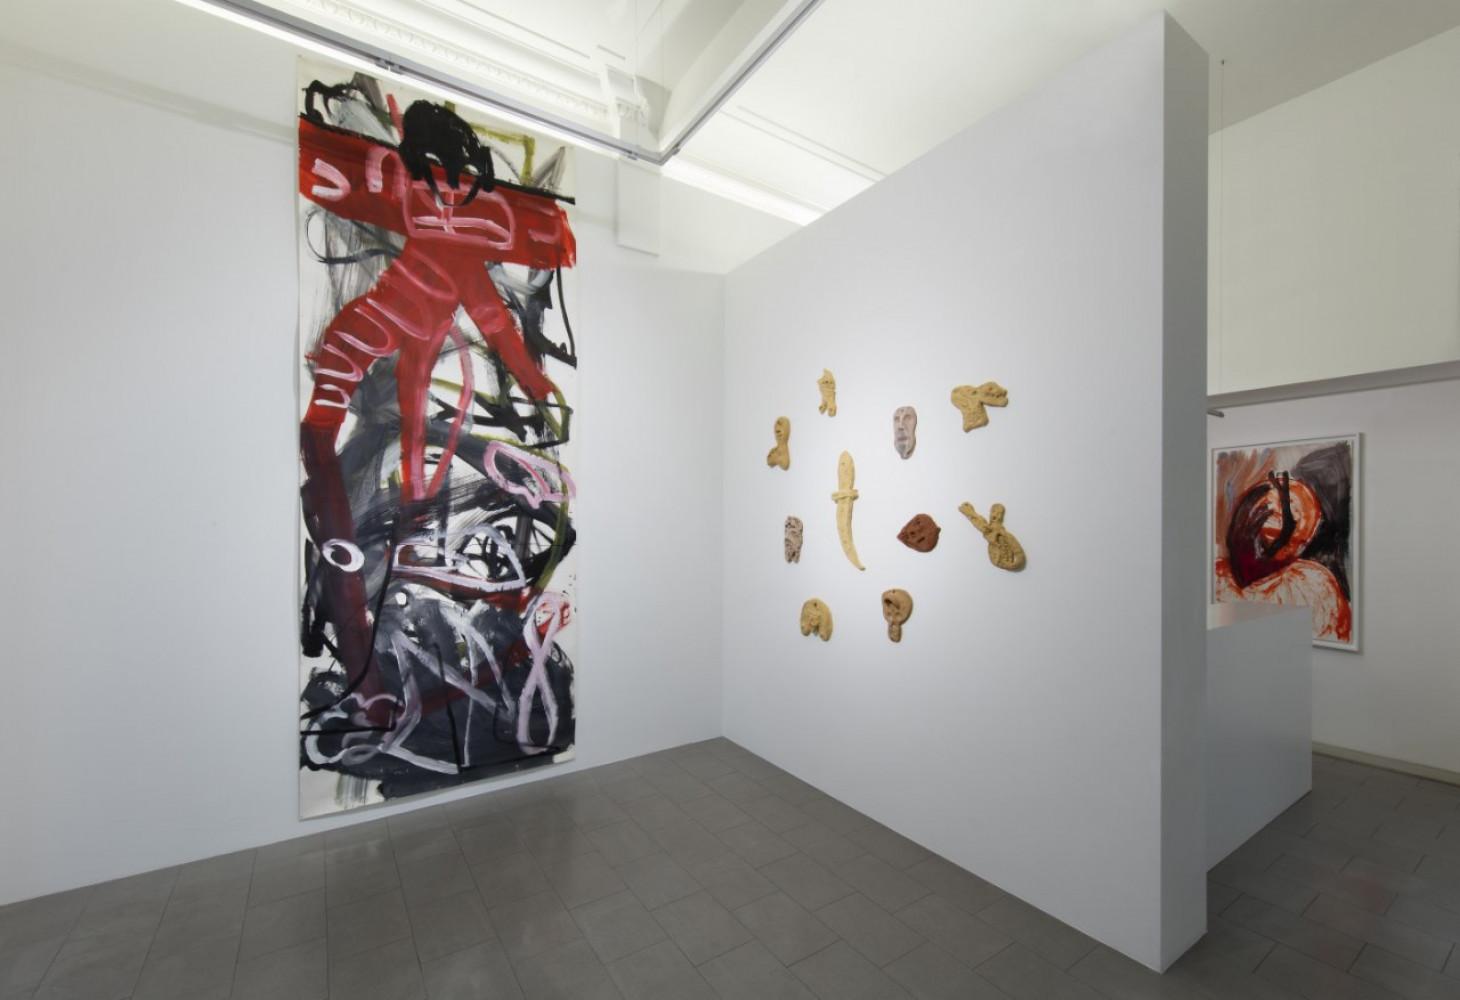 Martin Disler, Installation view, Buchmann Lugano / Via della Posta, 2019